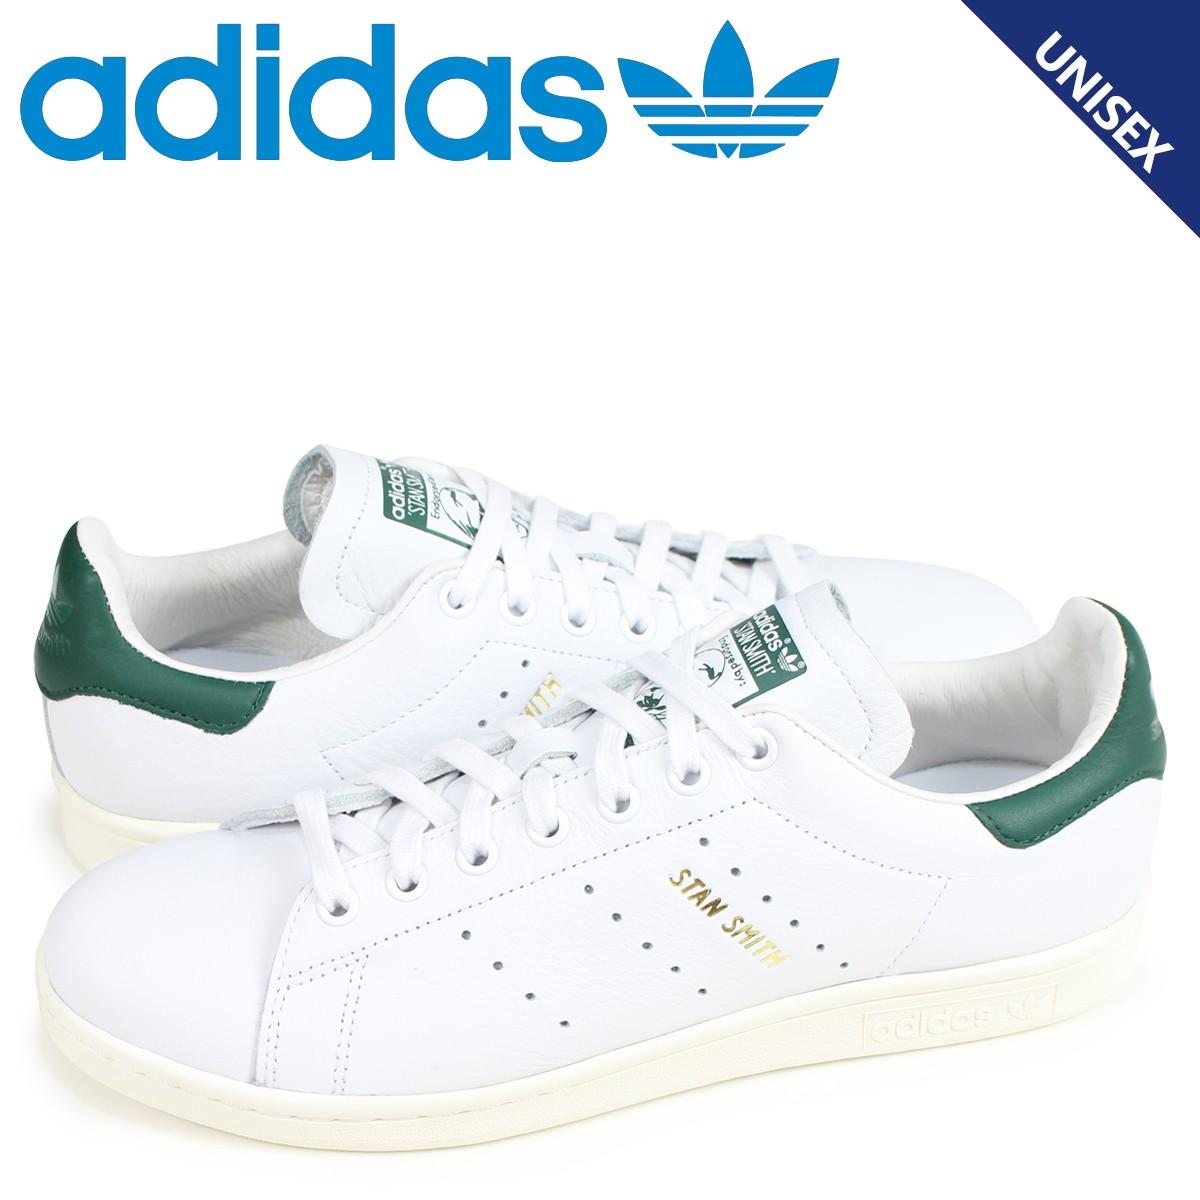 アディダス スタンスミス adidas Originals スニーカー STAN SMITH メンズ CQ2871 靴 ホワイト [1/16 追加入荷]